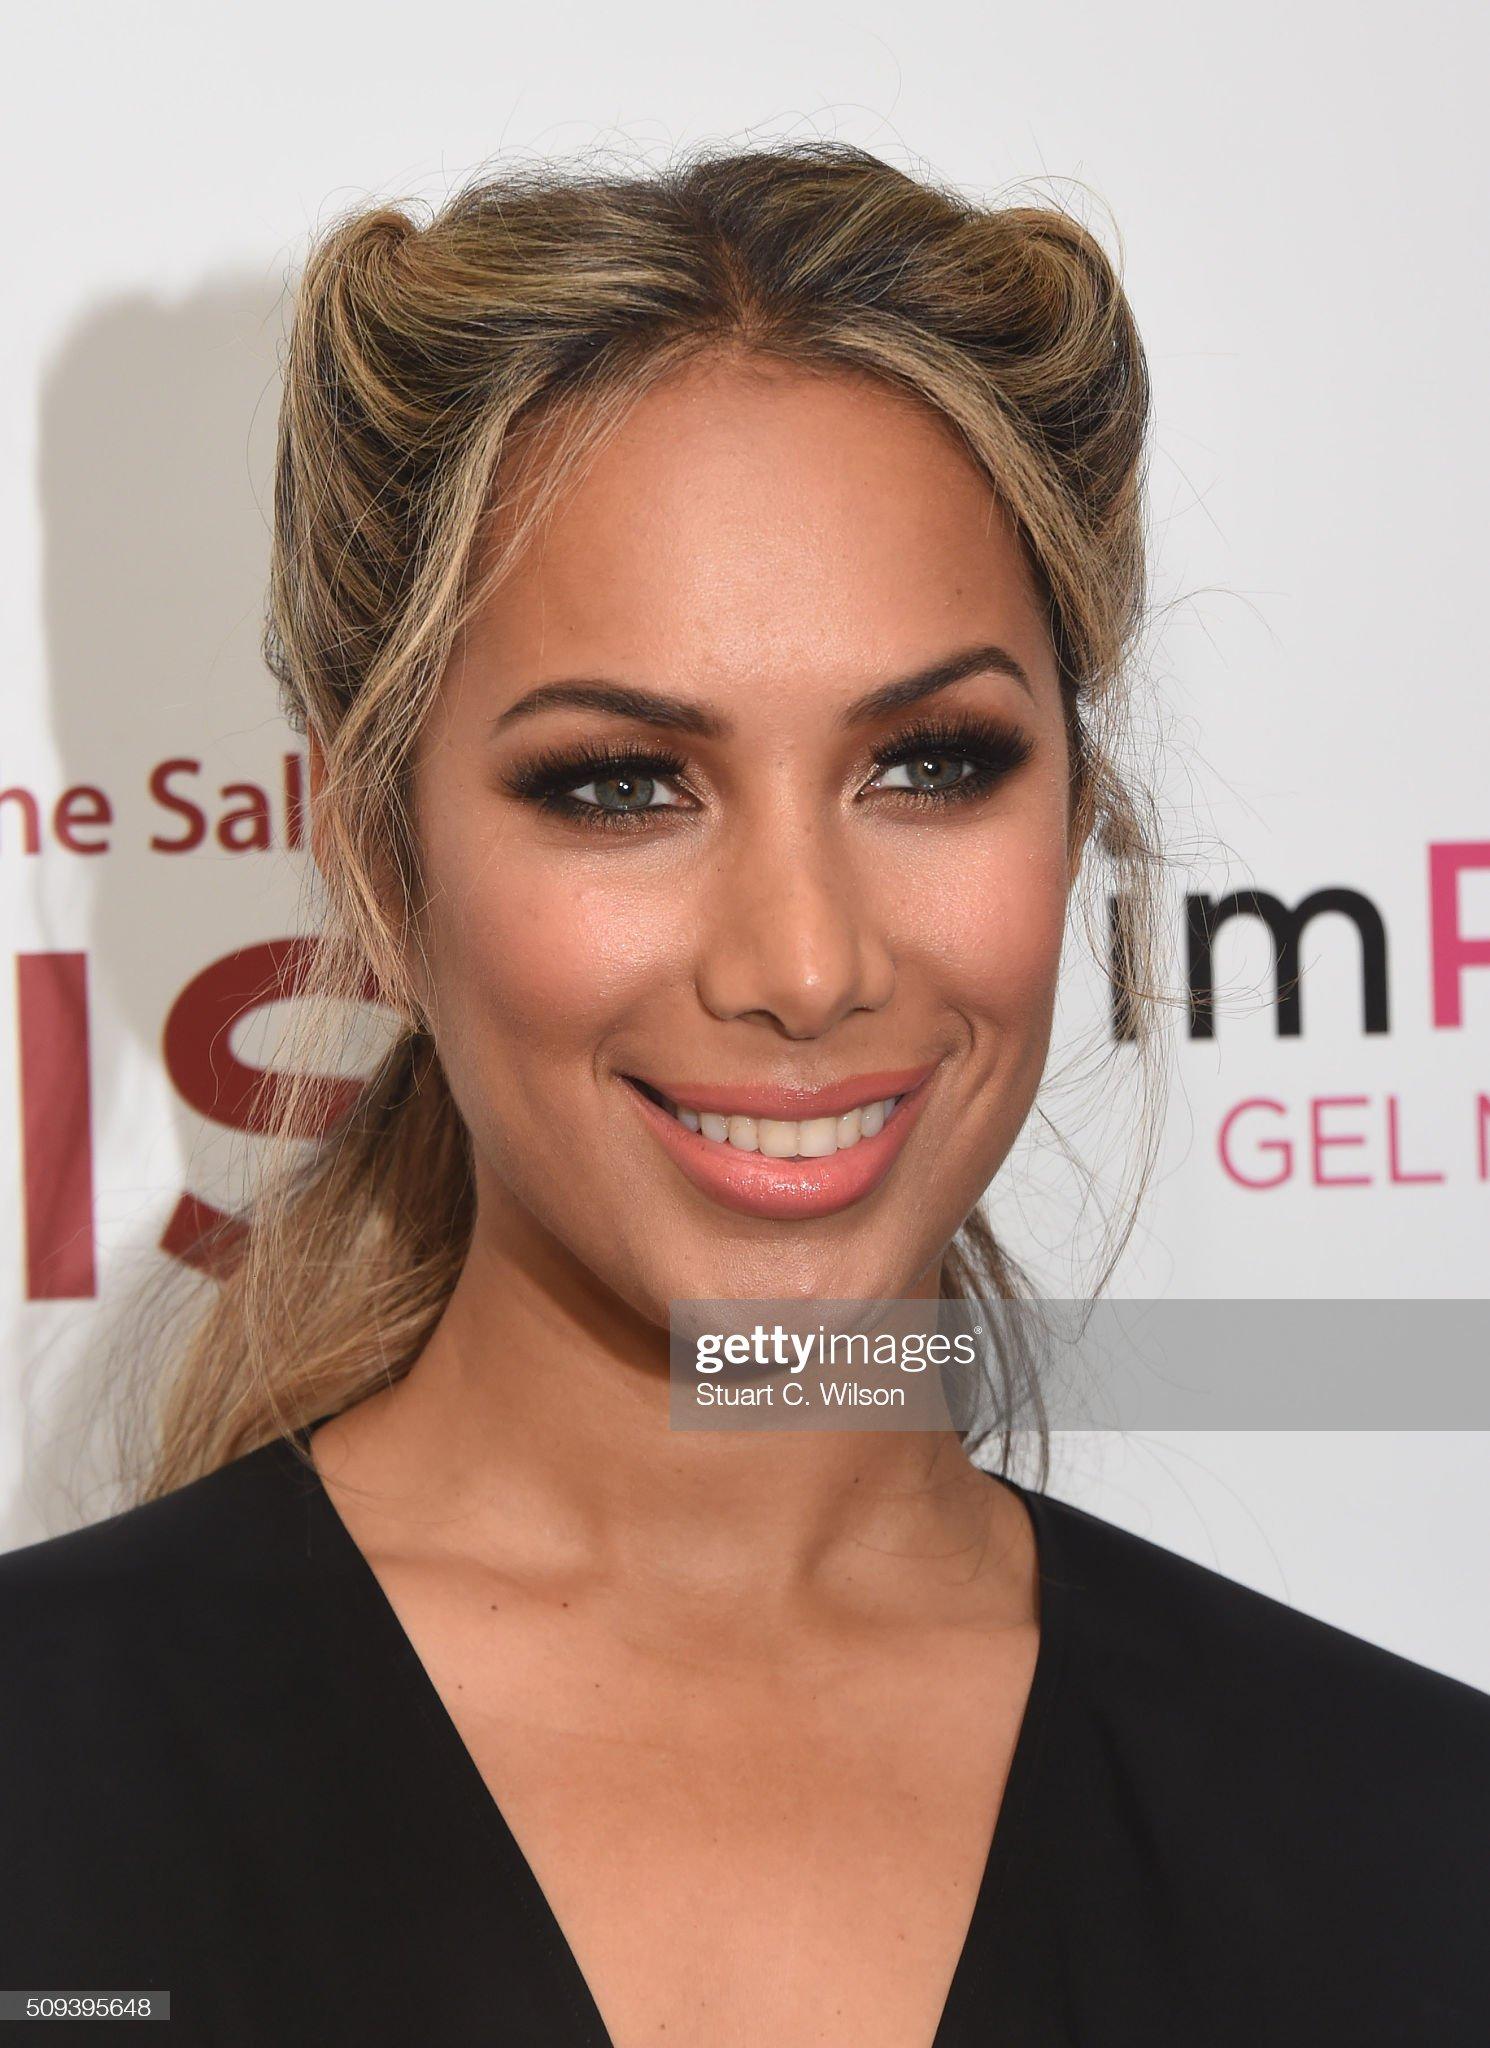 DEBATE sobre belleza, guapura y hermosura (fotos de chicas latinas, mestizas, y de todo) - VOL II - Página 2 Leona-lewis-hosts-the-kiss-beauty-launch-at-the-haymarket-hotel-on-picture-id509395648?s=2048x2048